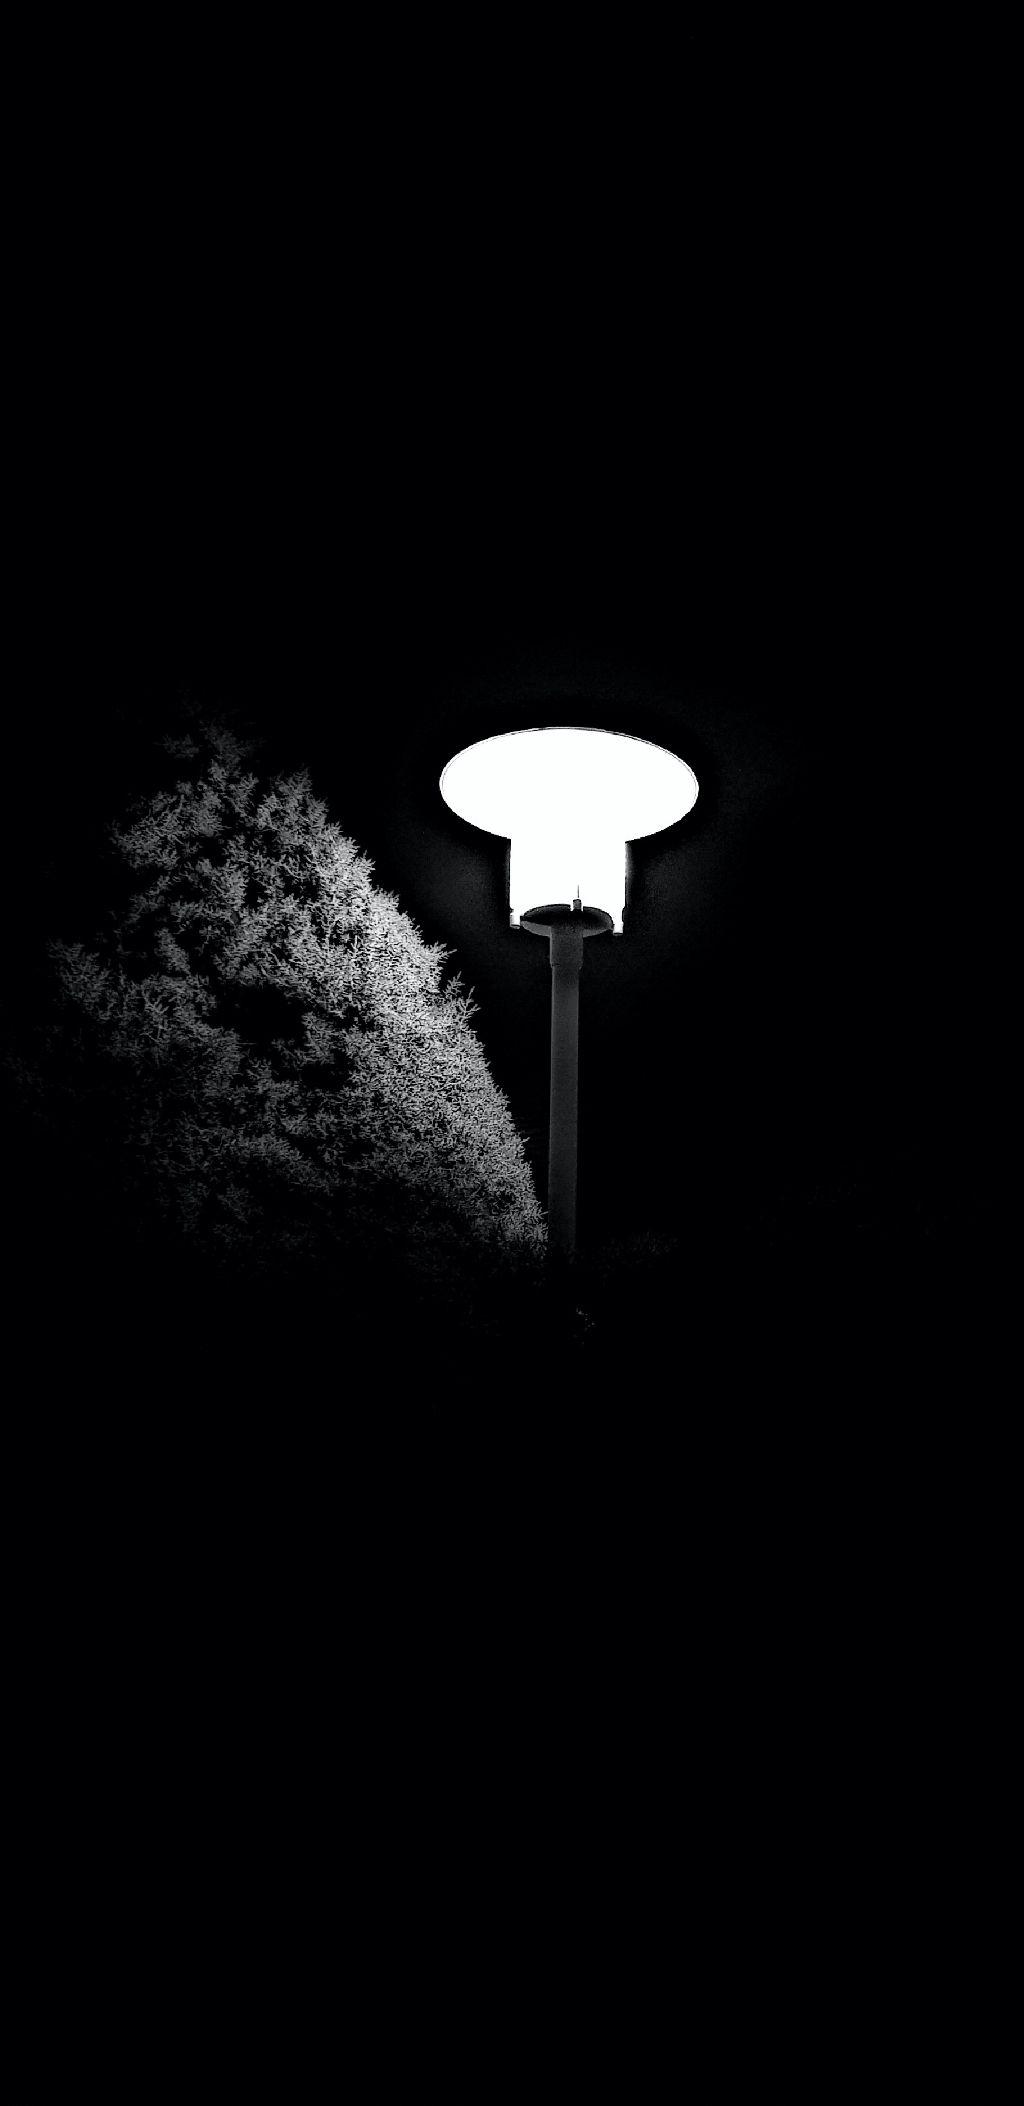 Night lonely blackandwhite black white sad photo sky